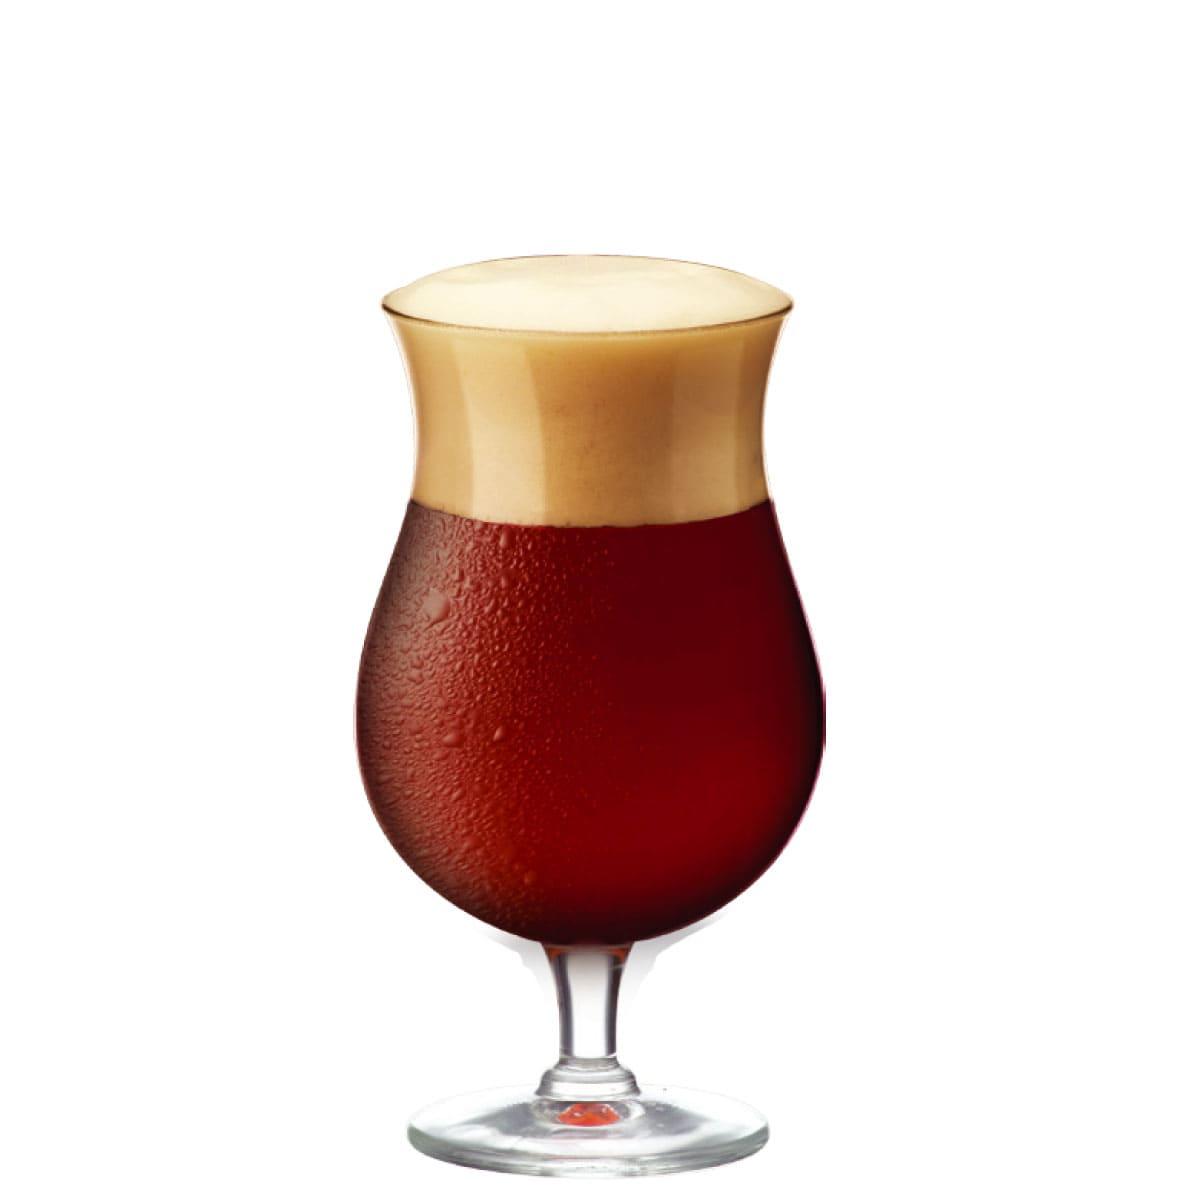 Jogo de Taças de Cerveja Cristal Double Bock 645ml  6 Pcs